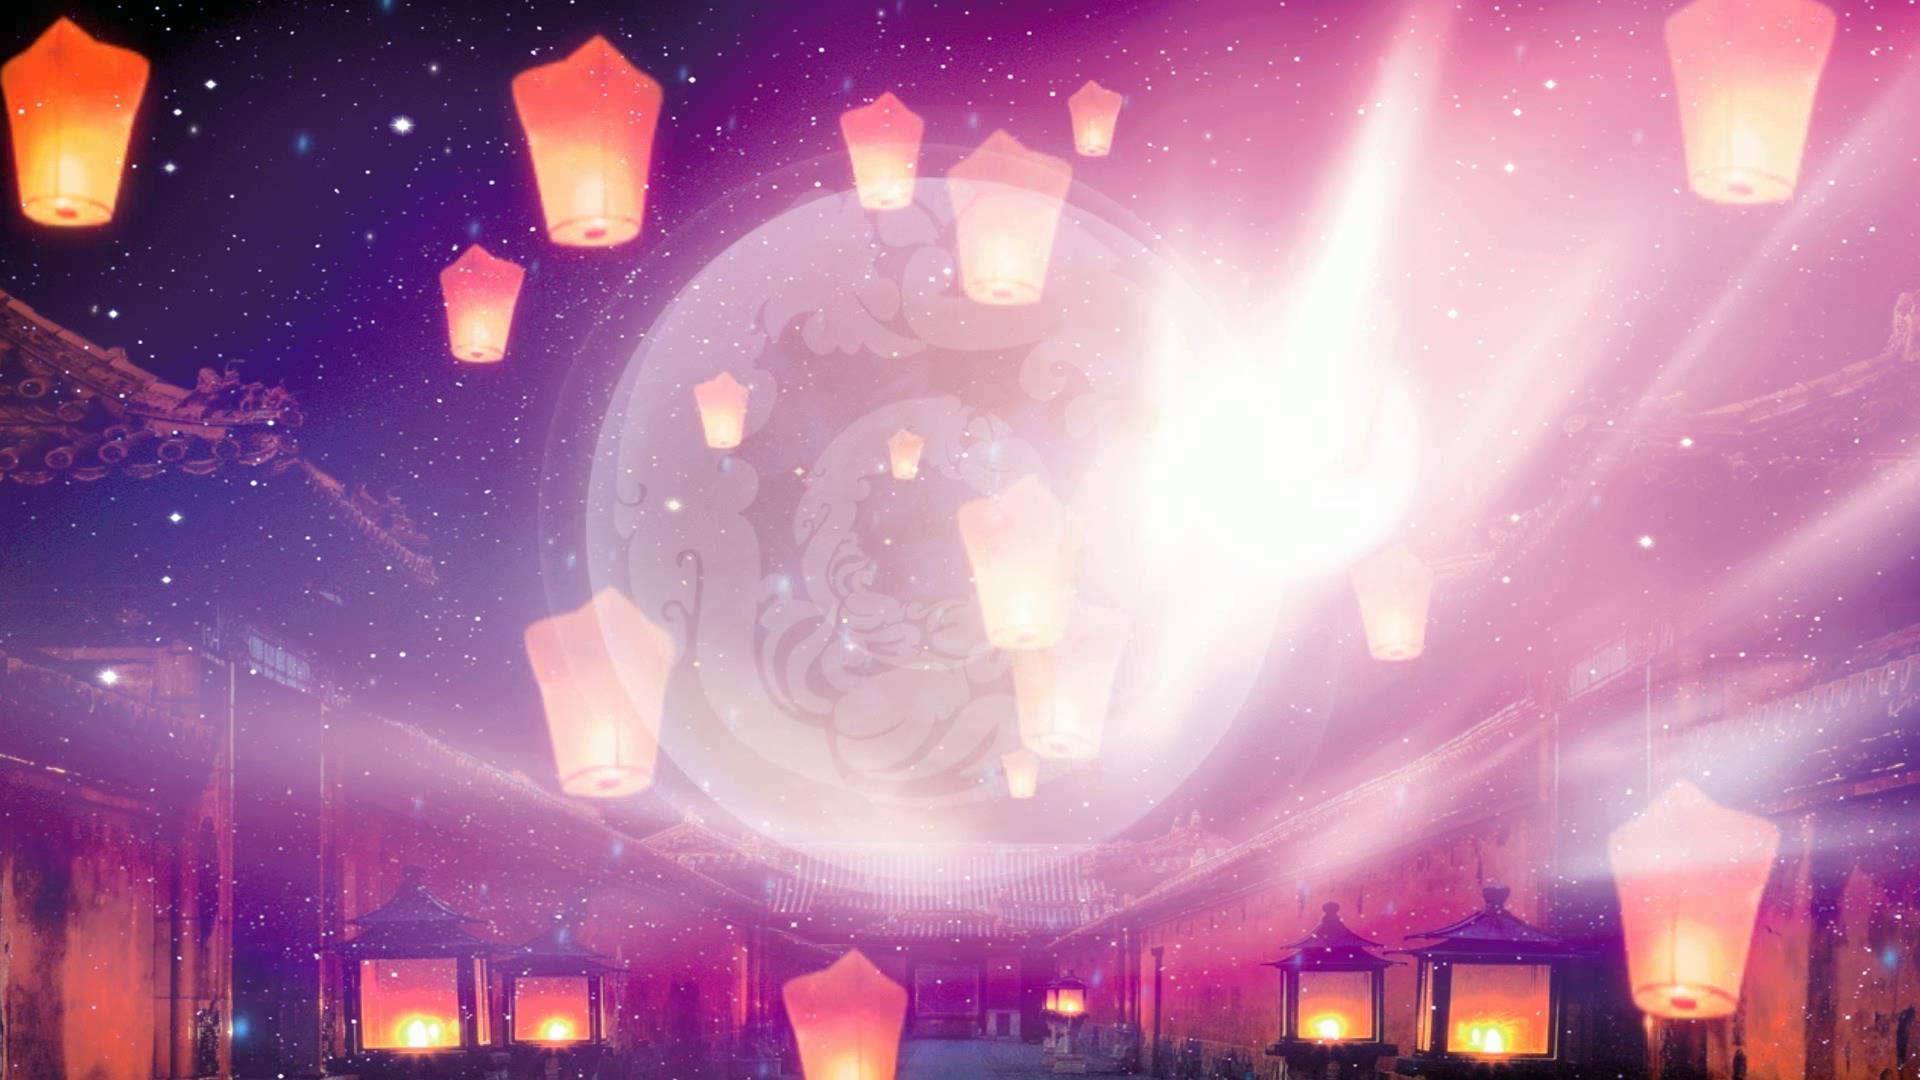 中秋节背景视频